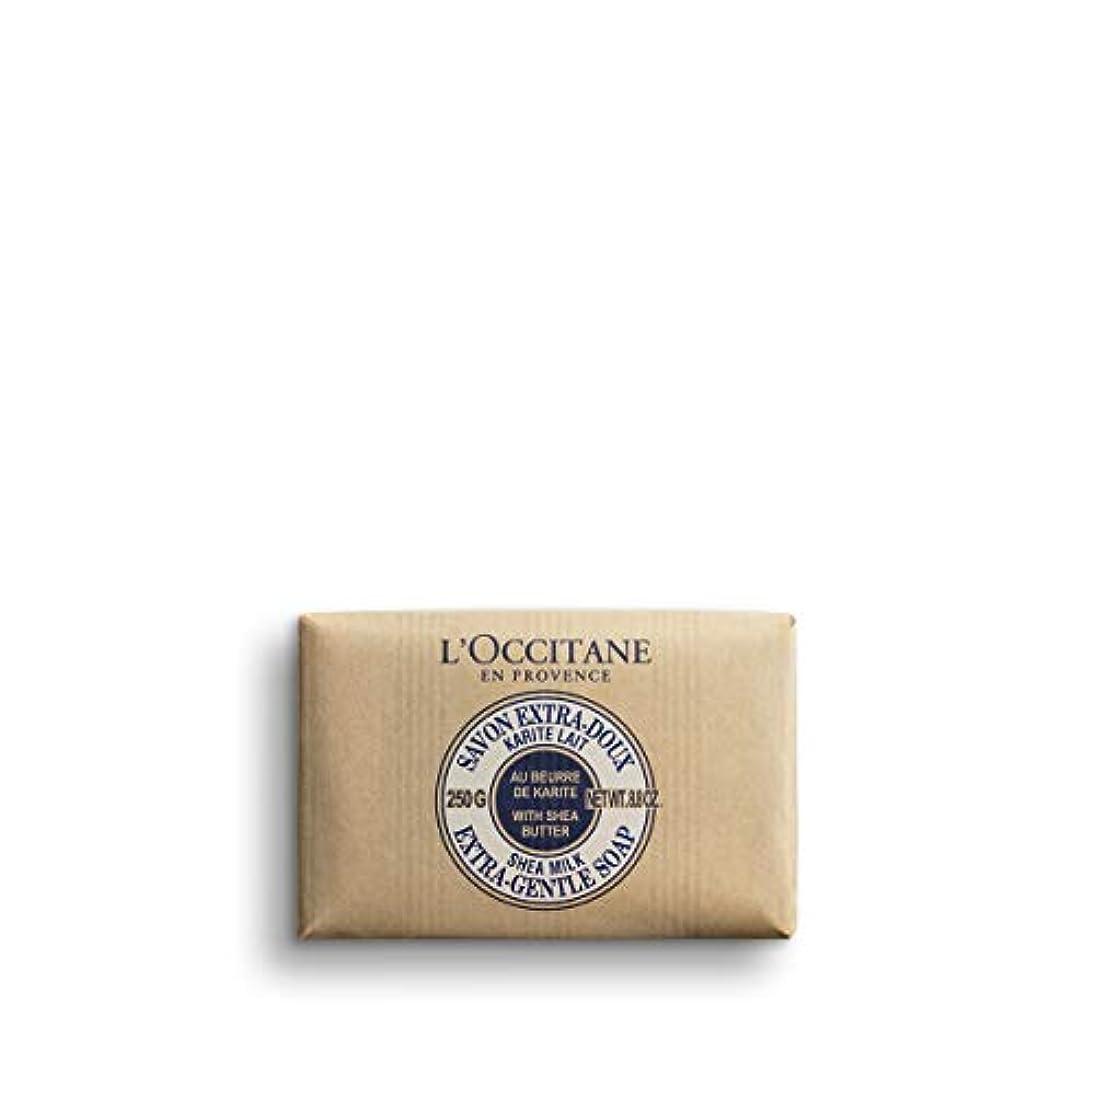 レンダリング虚栄心鯨ロクシタン(L'OCCITANE) シアバターソープ 250g ミルク